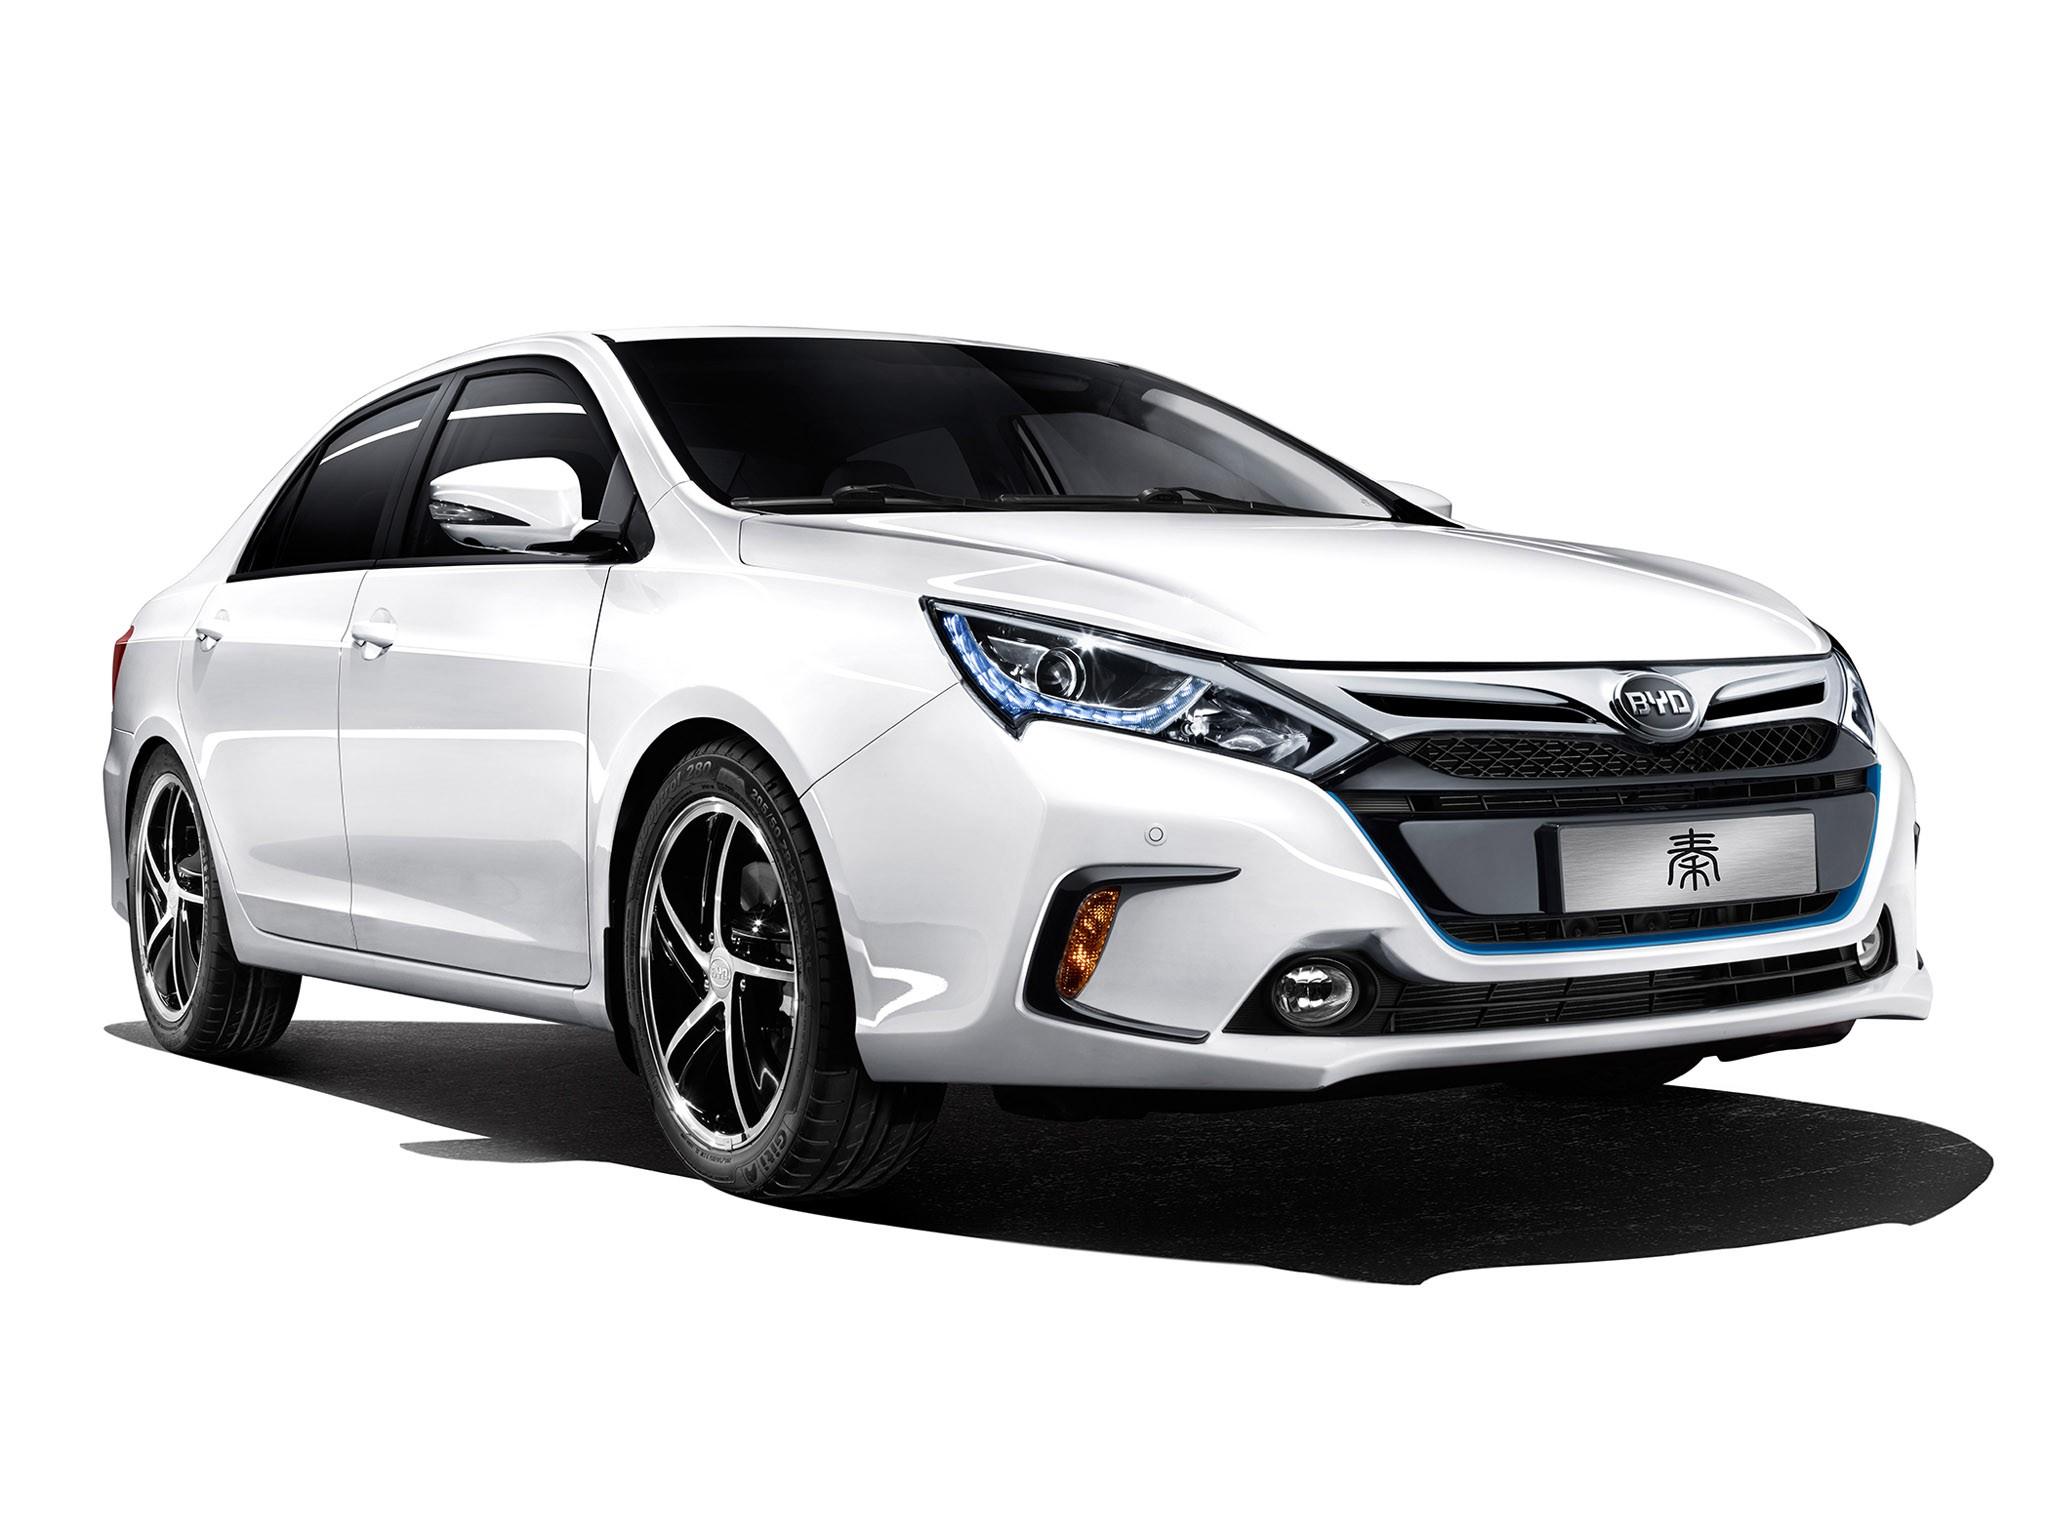 2014 Byd Auto Qin Hybride